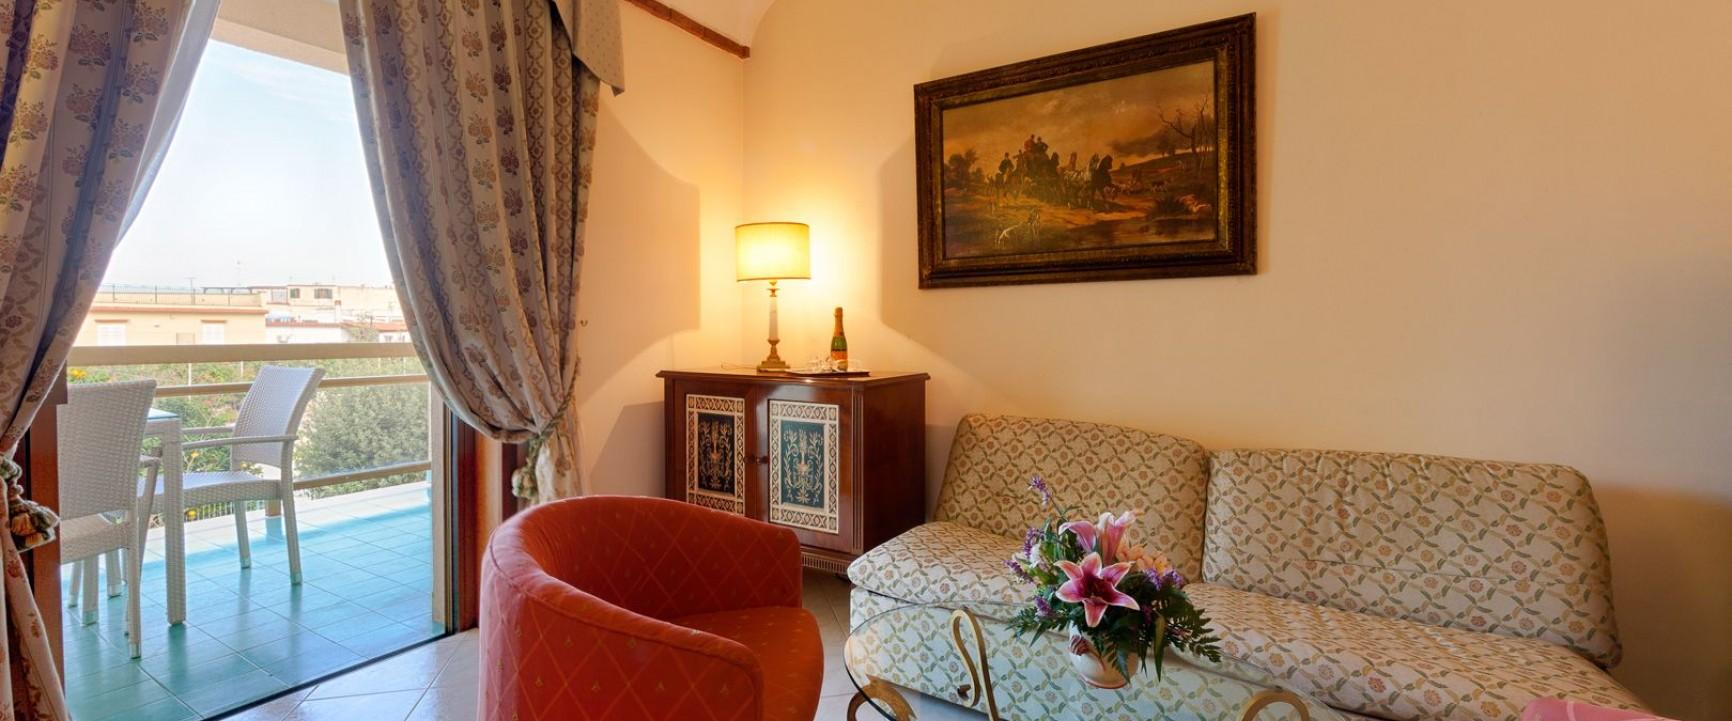 Grand Hotel Terme di Augusto